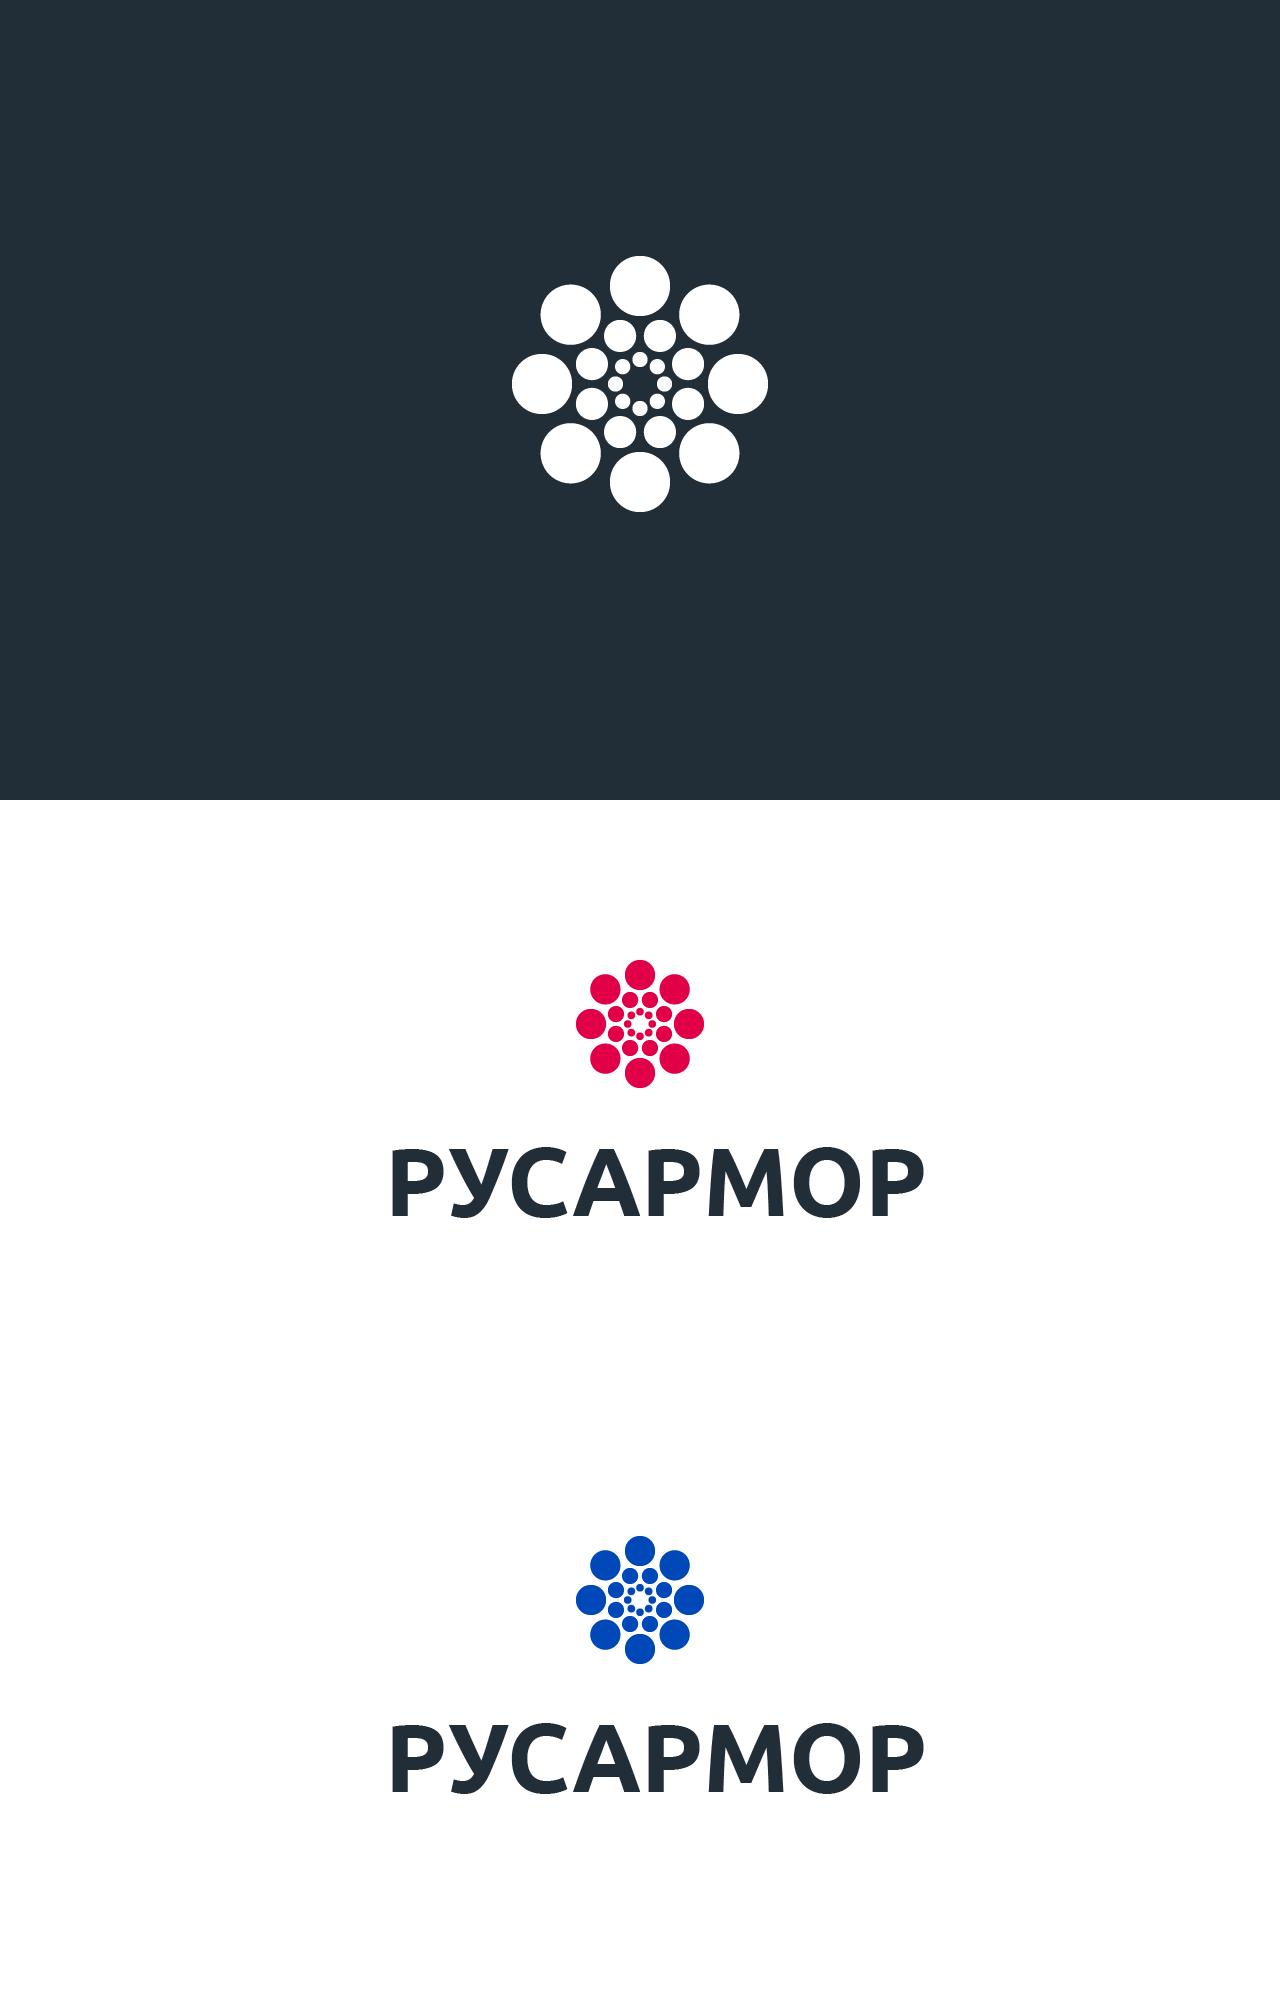 Разработка логотипа технологического стартапа РУСАРМОР фото f_3735a0d39f61cc14.png